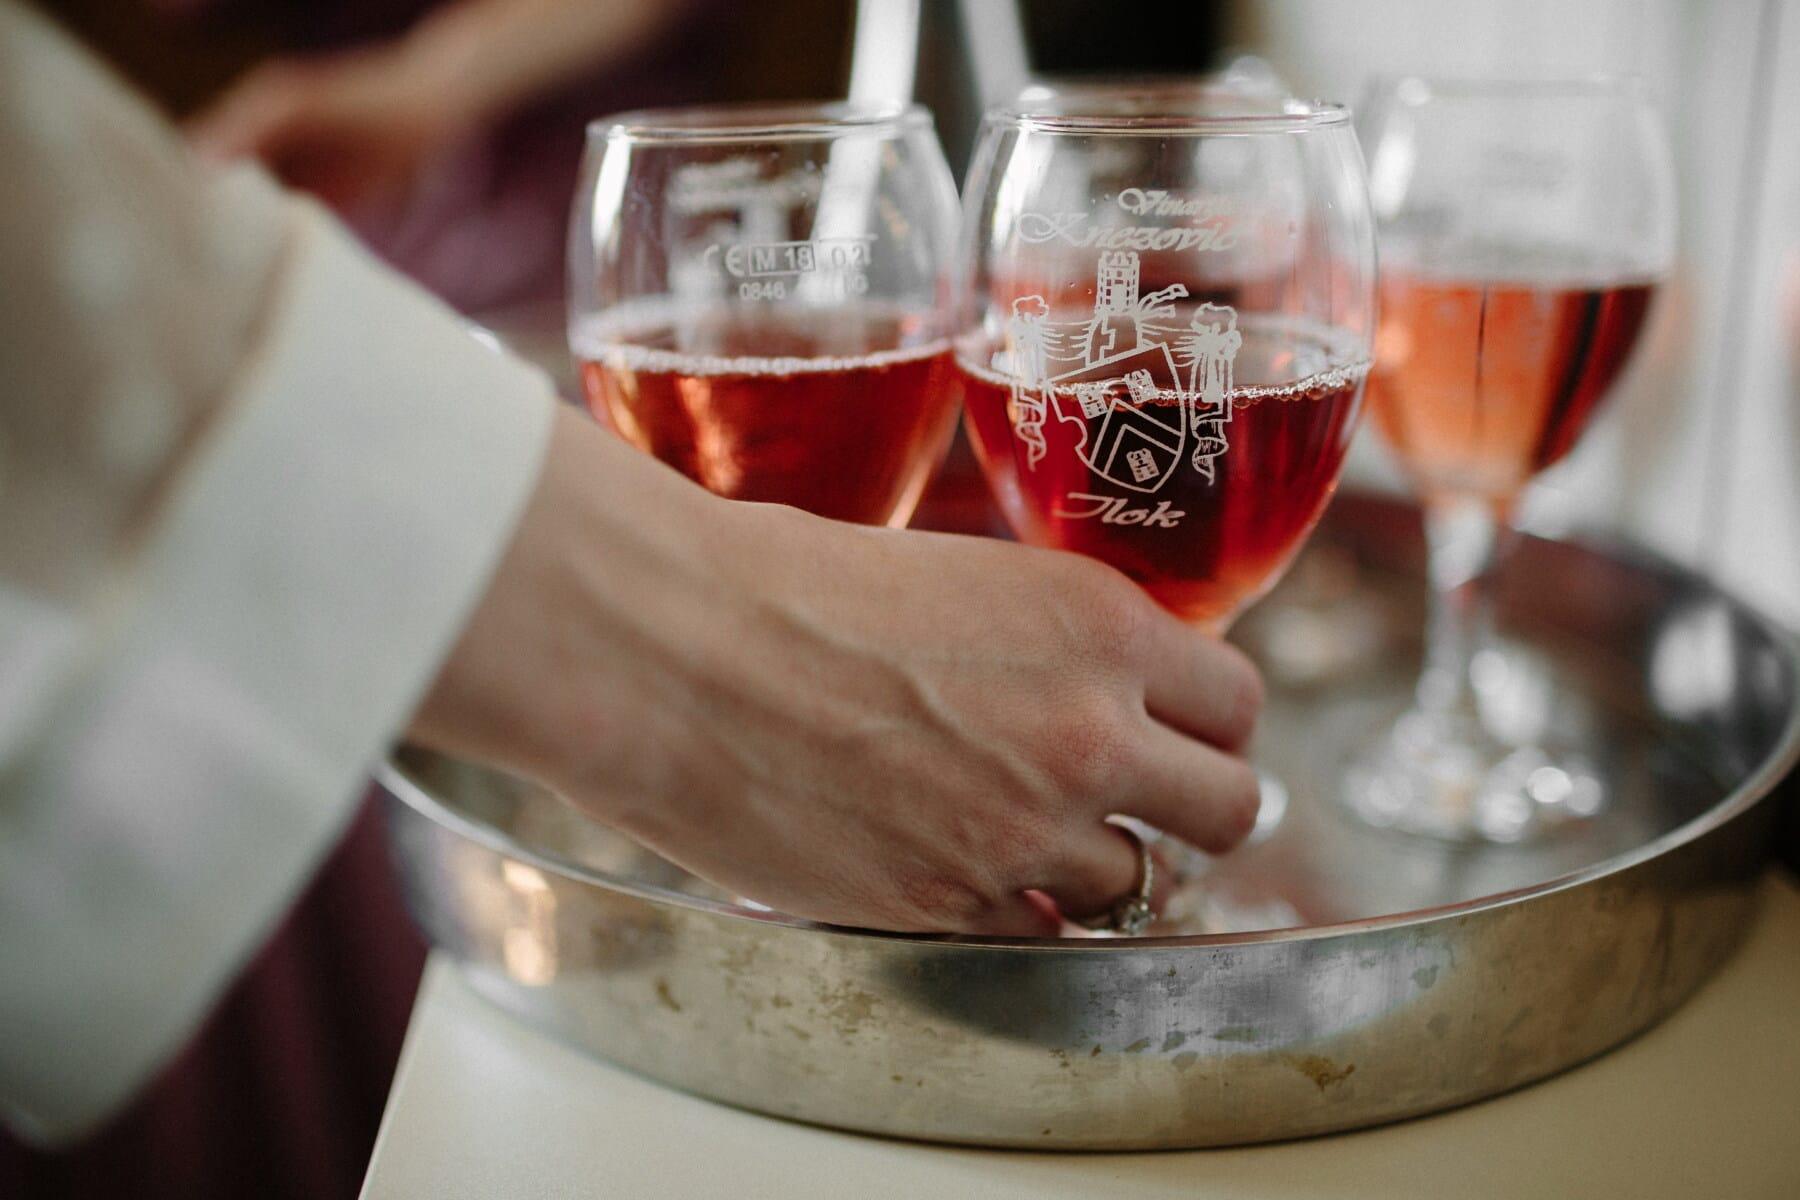 레드 와인, 붉은, 와인, 크리스탈, 유리, 레이디, 여자, 손, 파티, 알코올